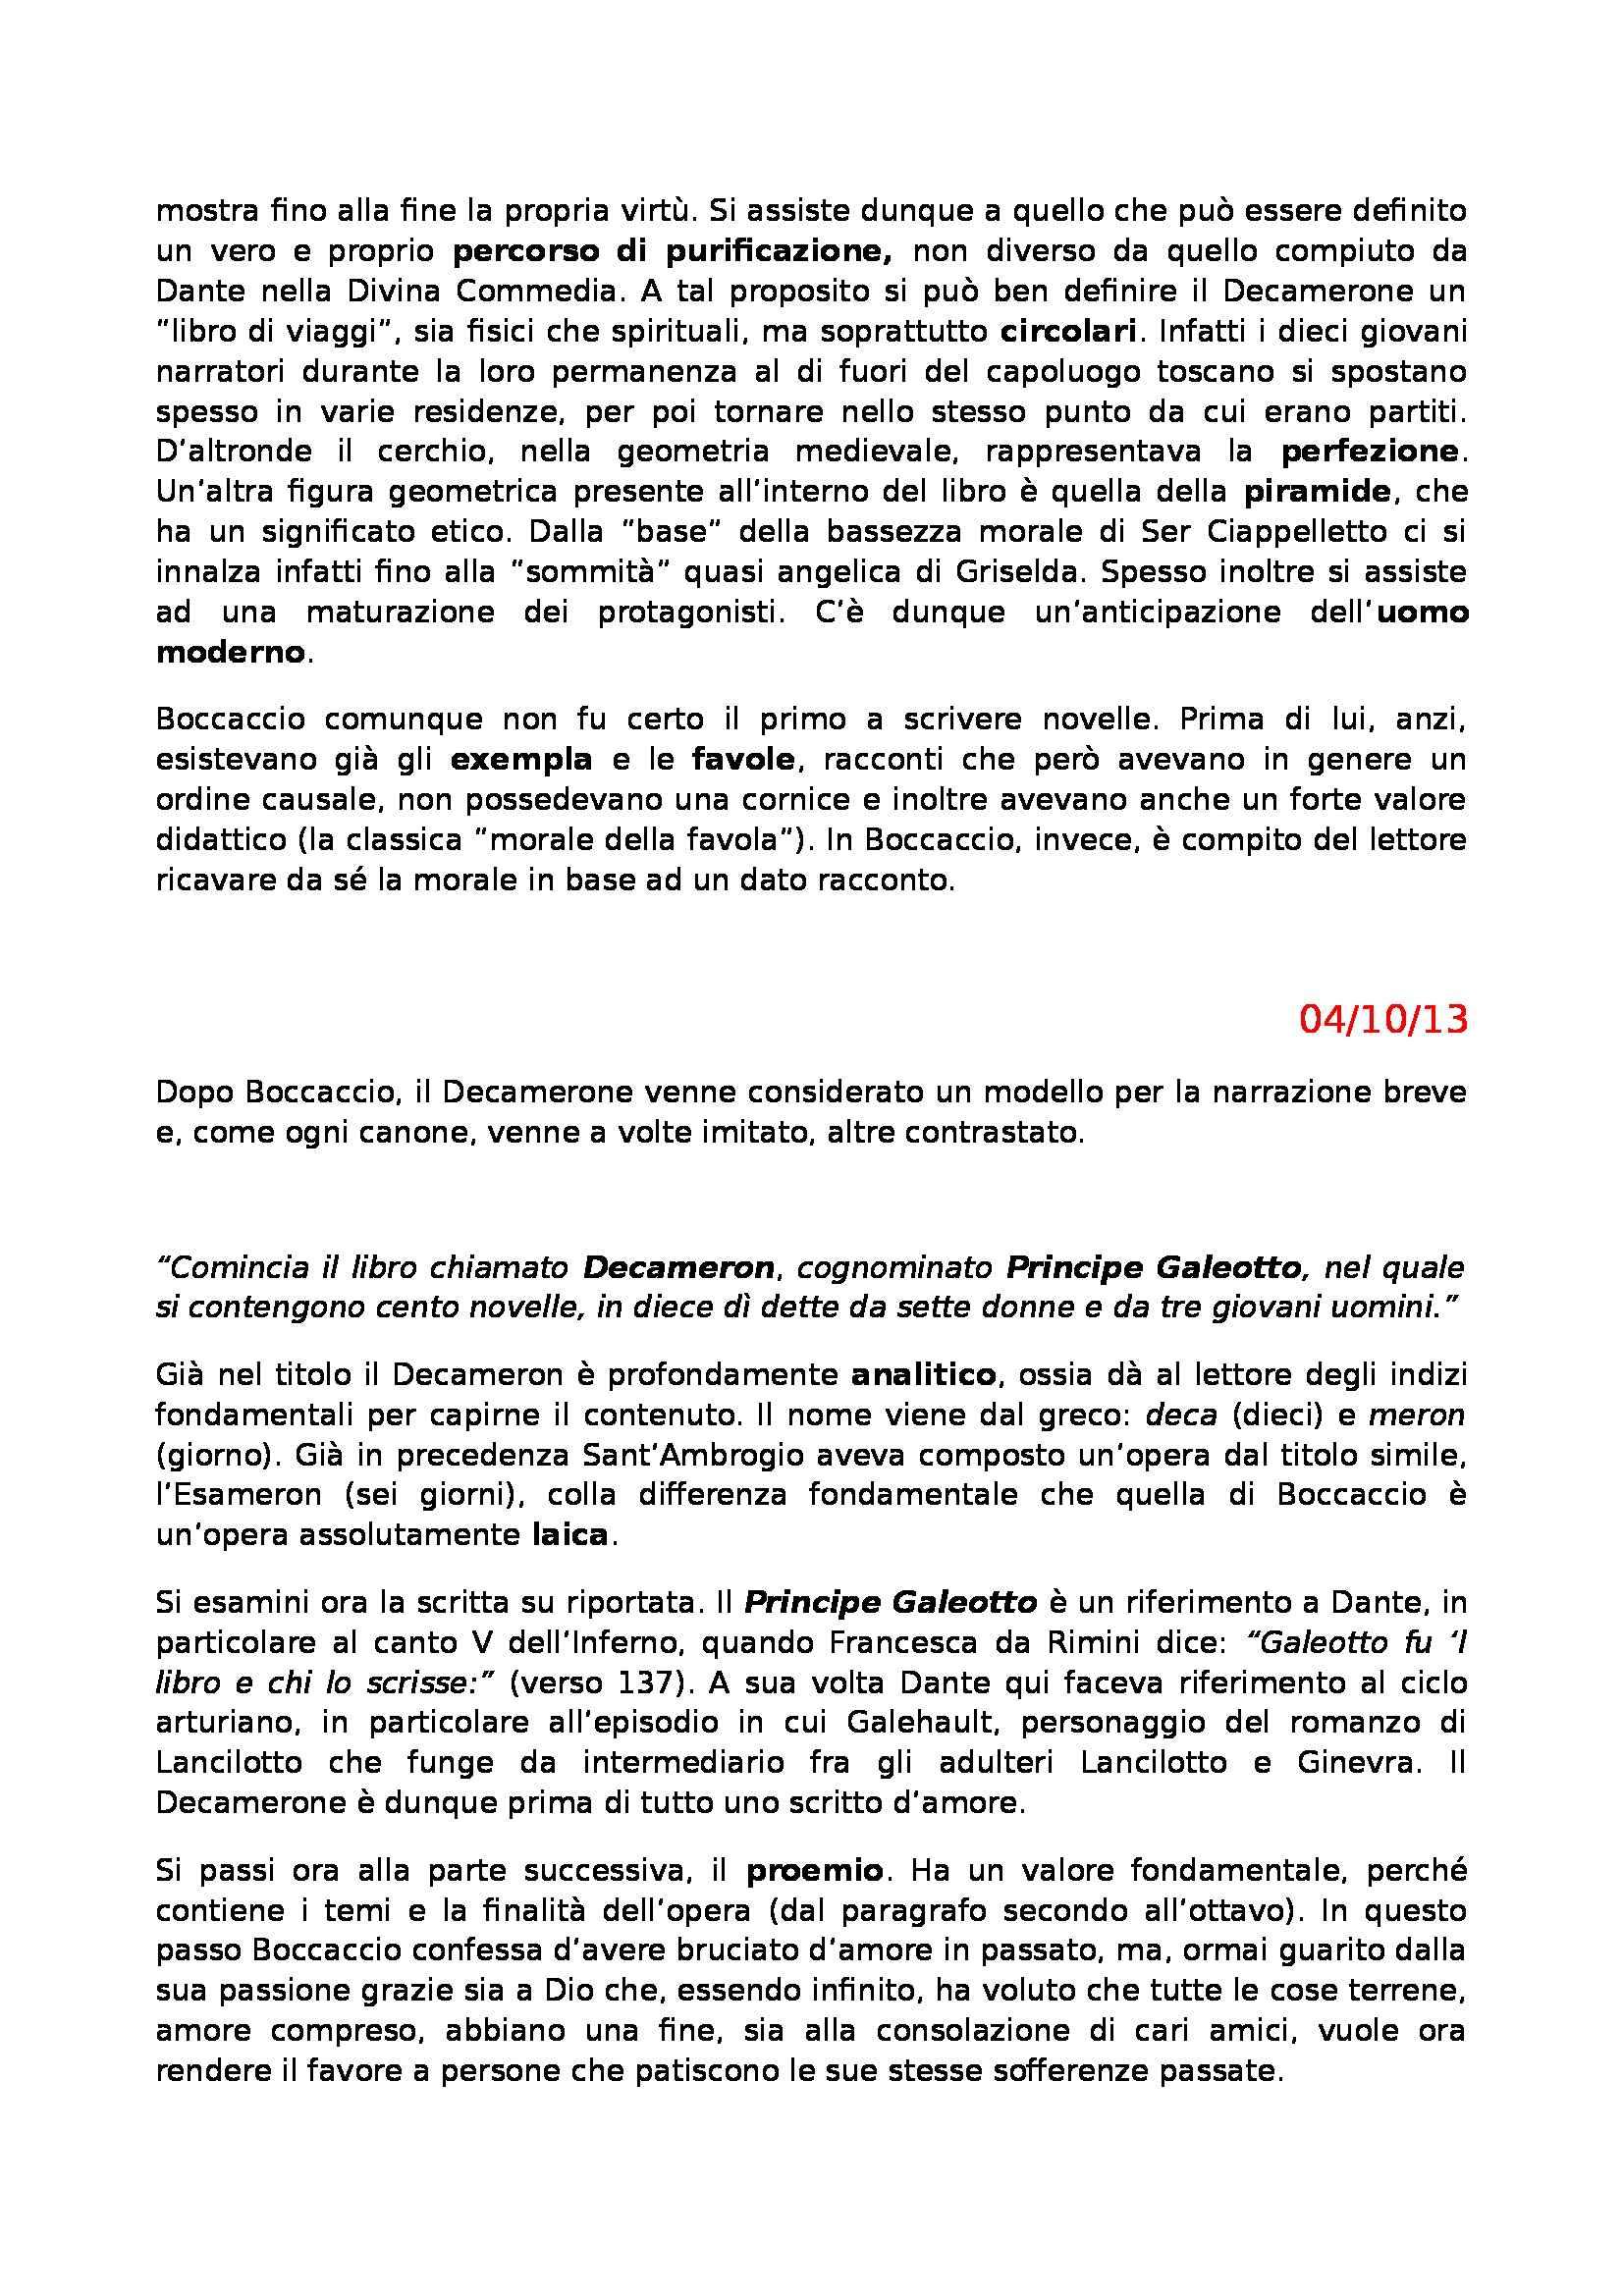 Letteratura Italiana - Boccaccio e Decameron Pag. 2